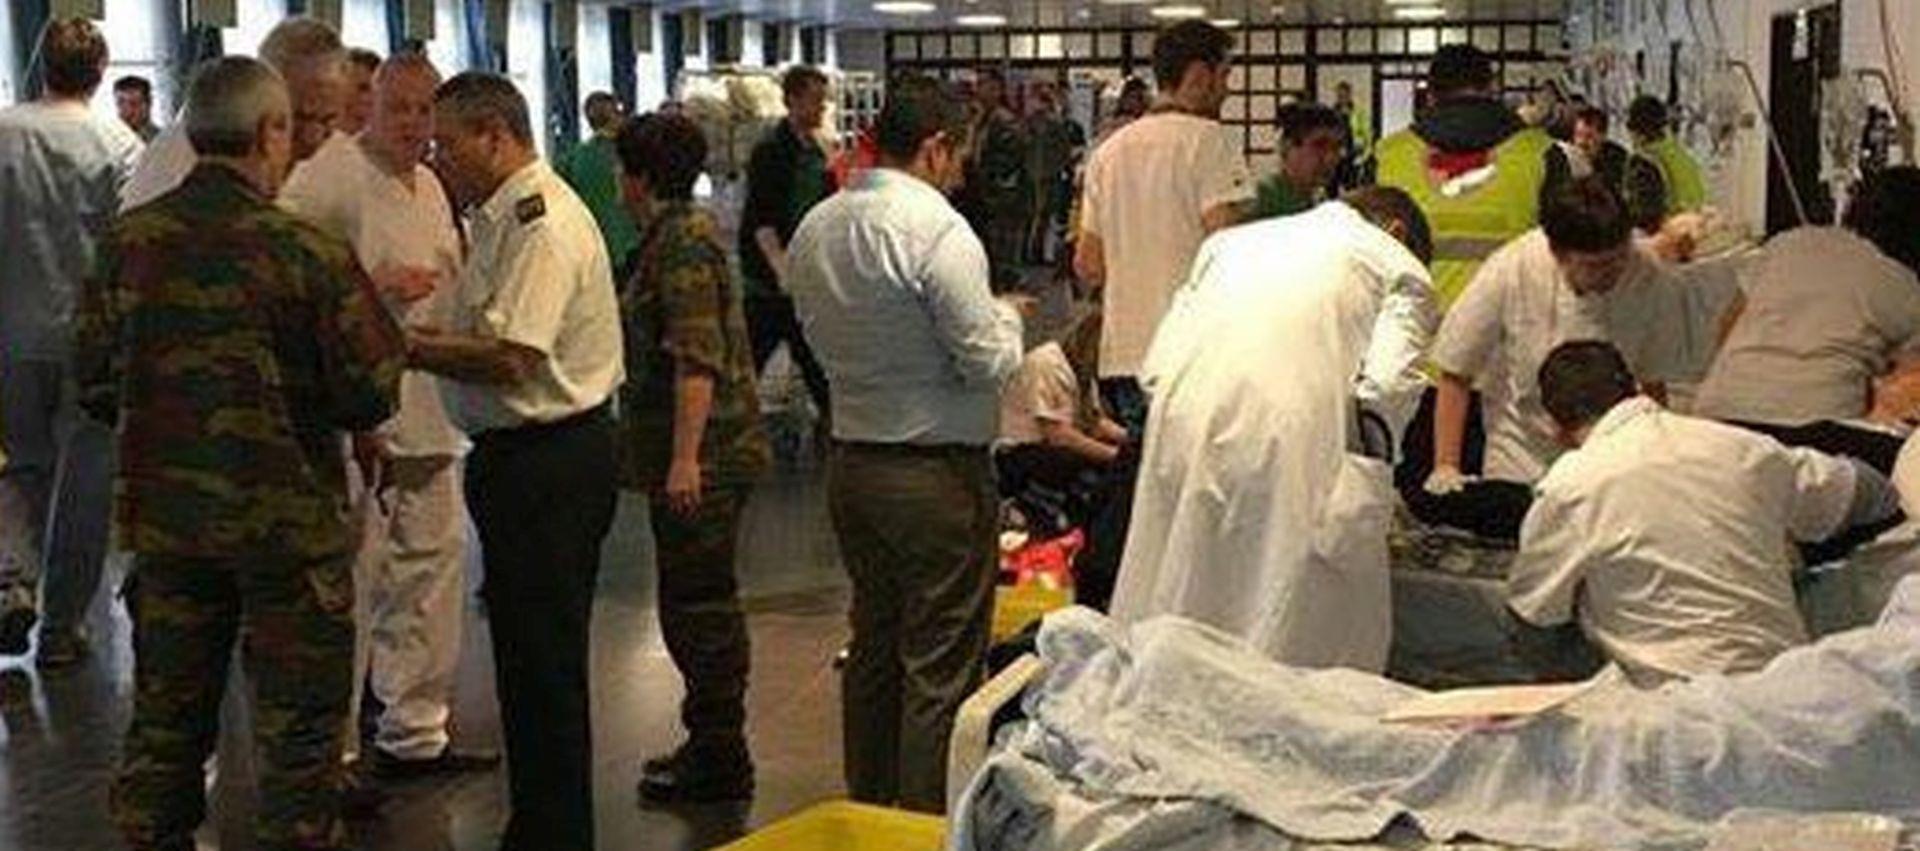 NAPAD NA BRUXELLES Ozlijeđena dva putnika iz Srbije, Beograd jača mjere sigurnosti